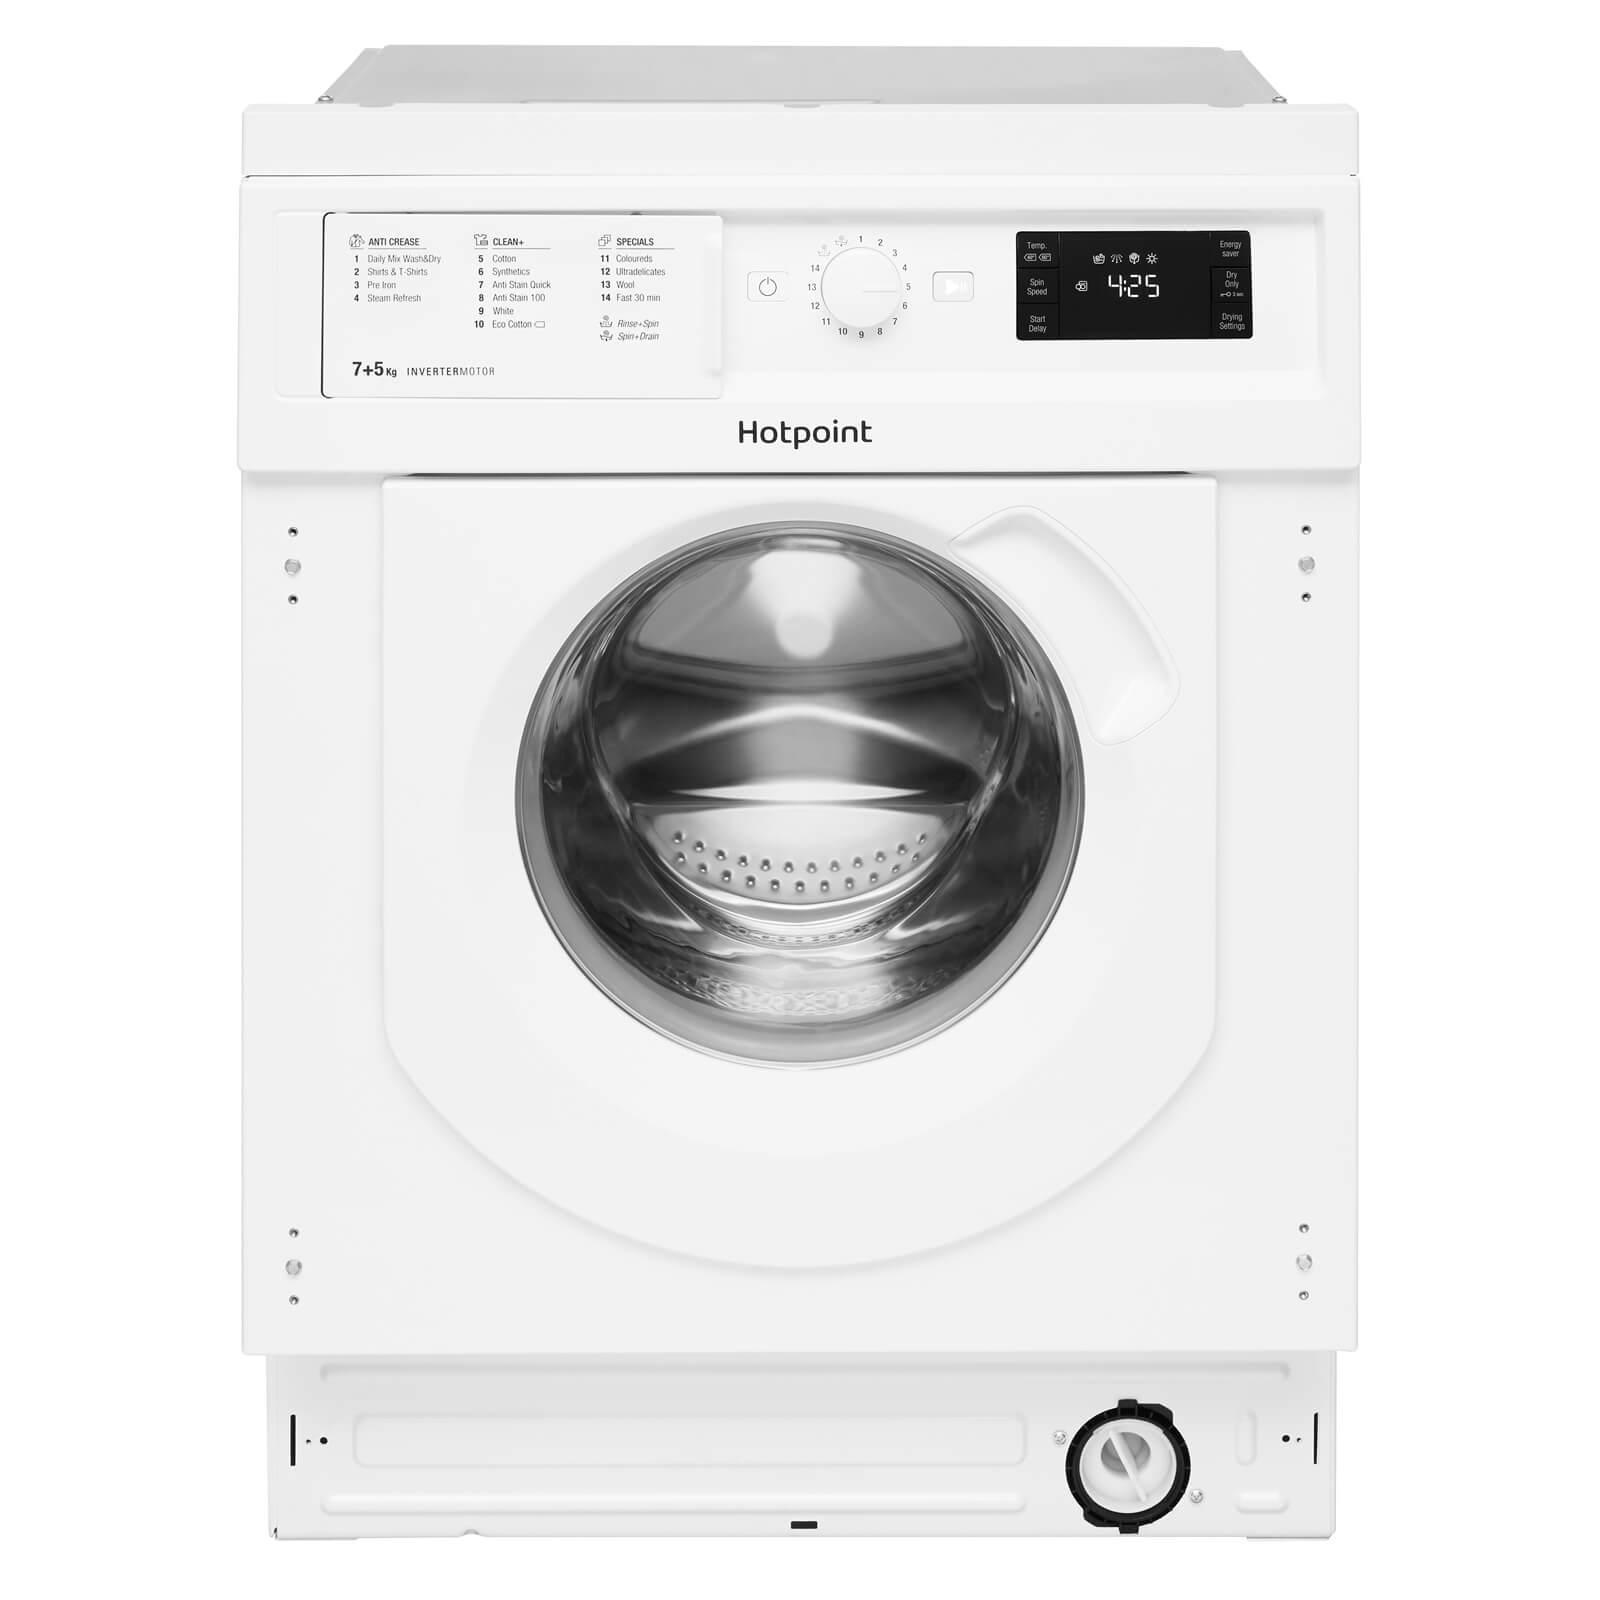 Hotpoint BIWDHG7148 Integrated Washer Dryer